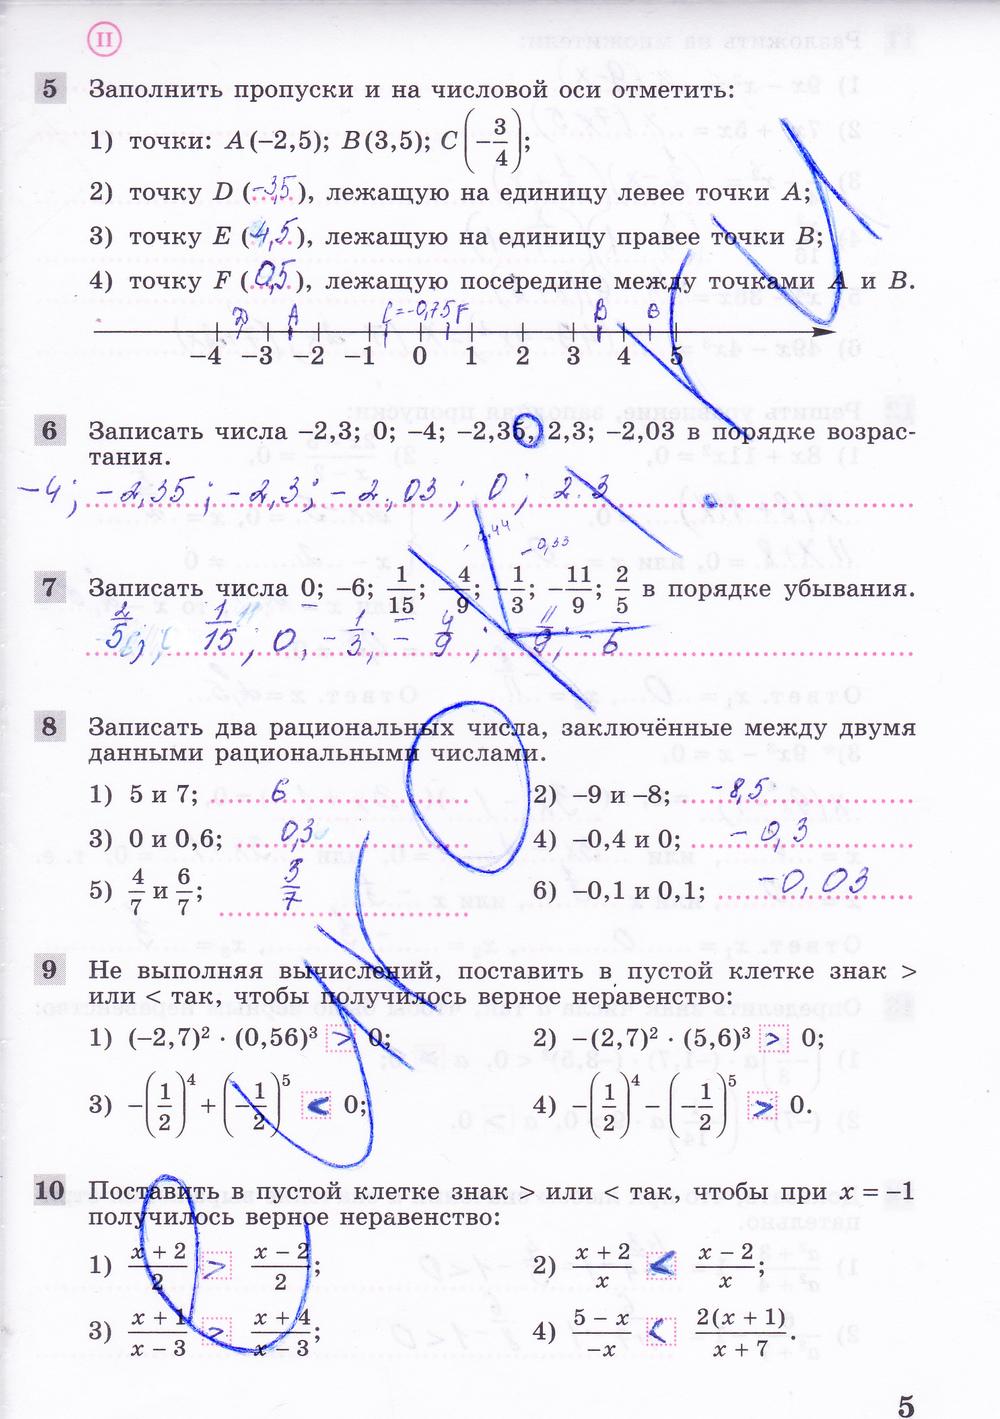 класс математики гдз колягин 8 по